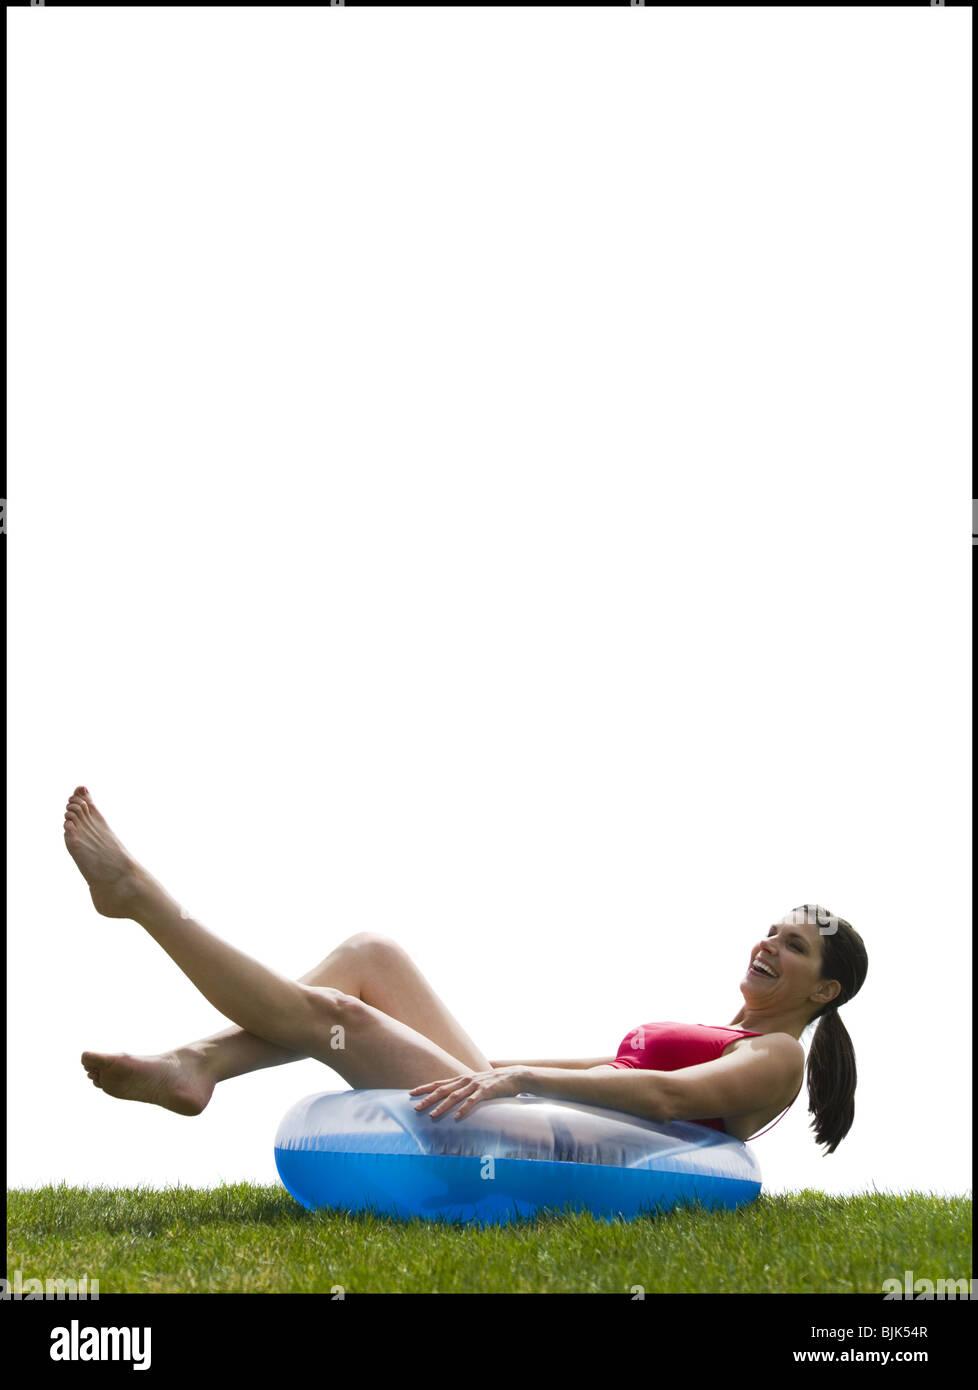 Woman in bikini lying in swimming ring laughing Stock Photo